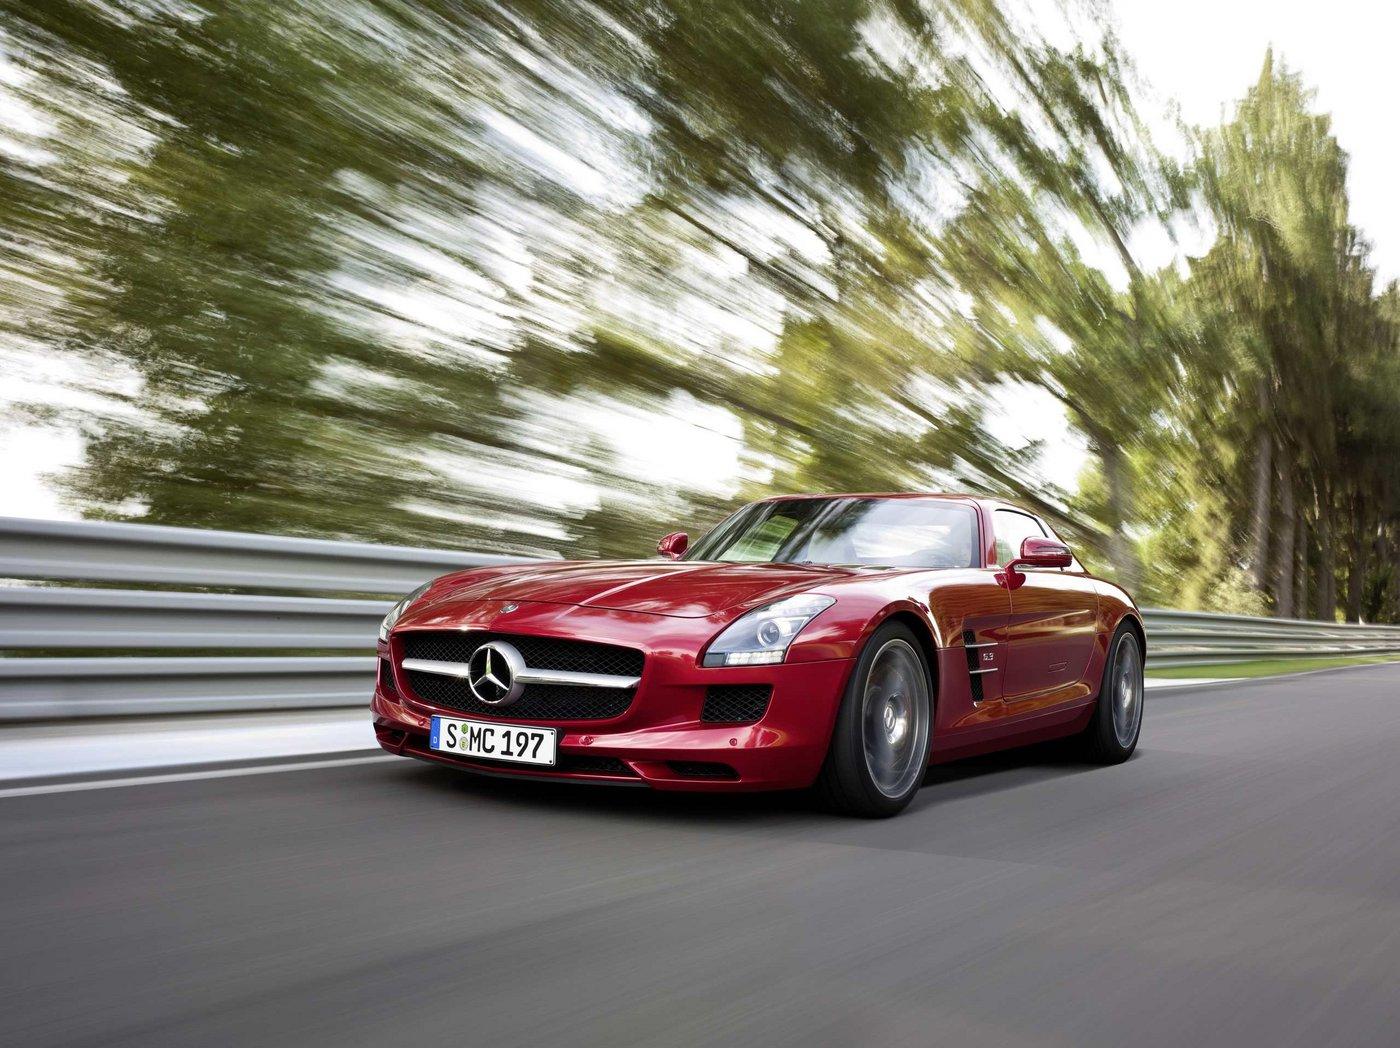 2010 mercedes benz sls amg images leaked for Mercedes benz sls amg red